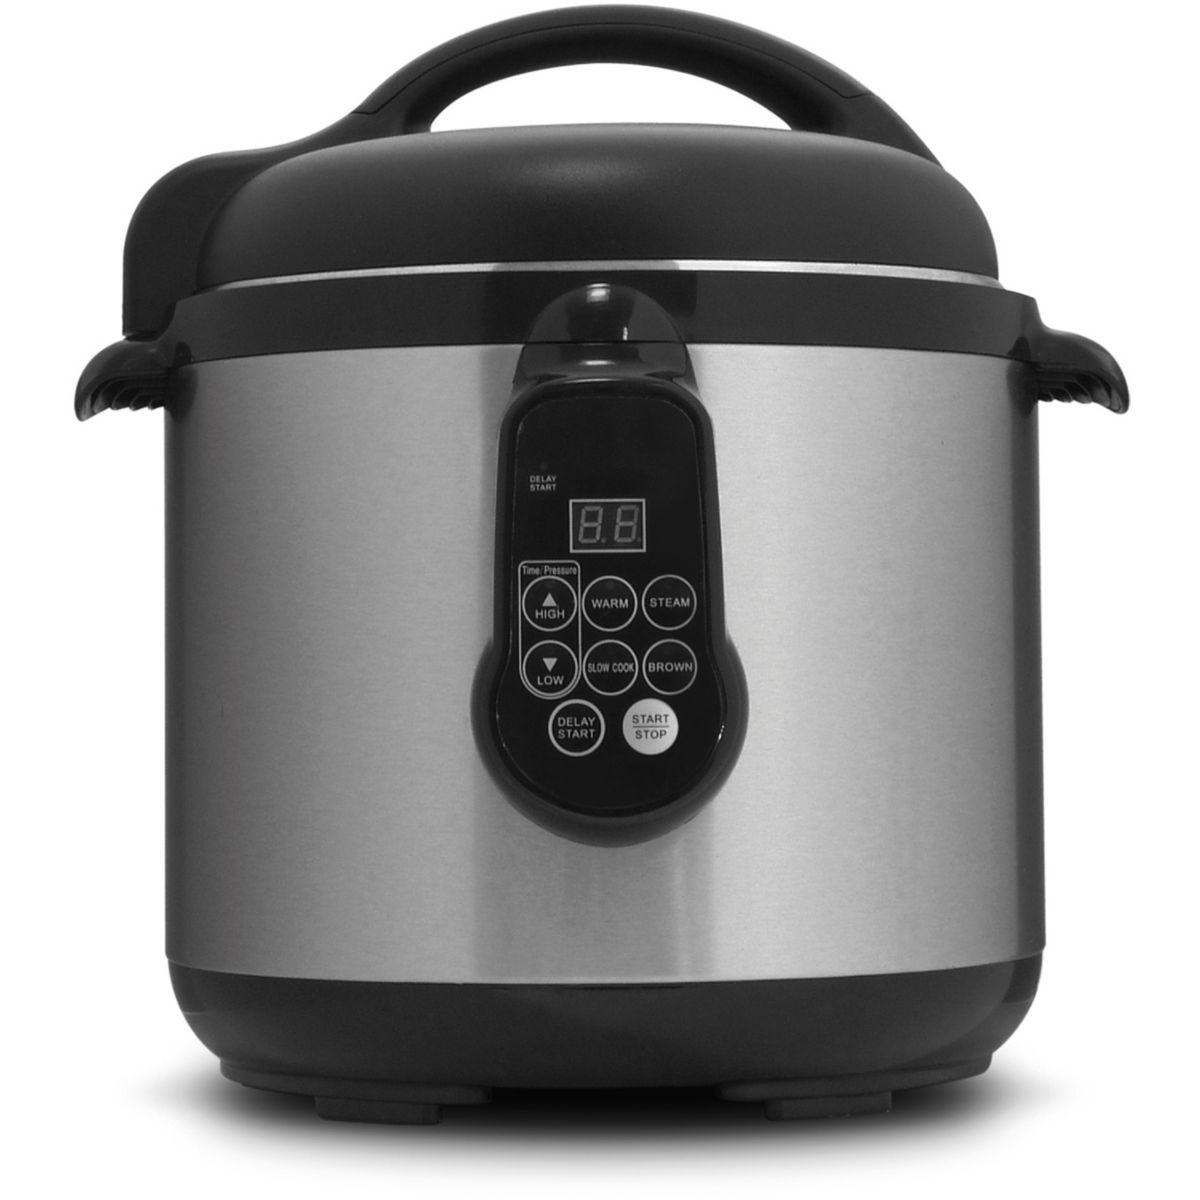 Cuiseur multifonction thomson crea cook thps06528 - soldes et bons plans